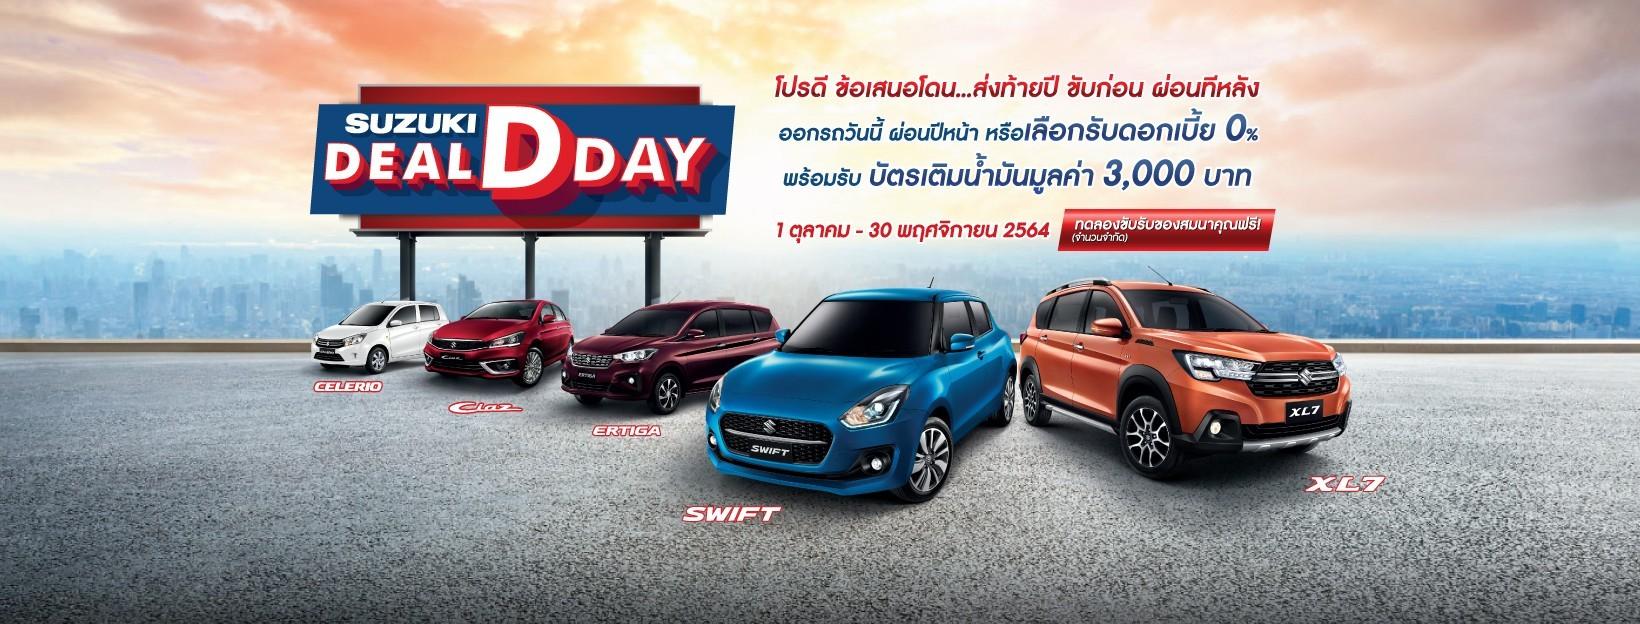 New Suzuki Swift โปรโมชั่น